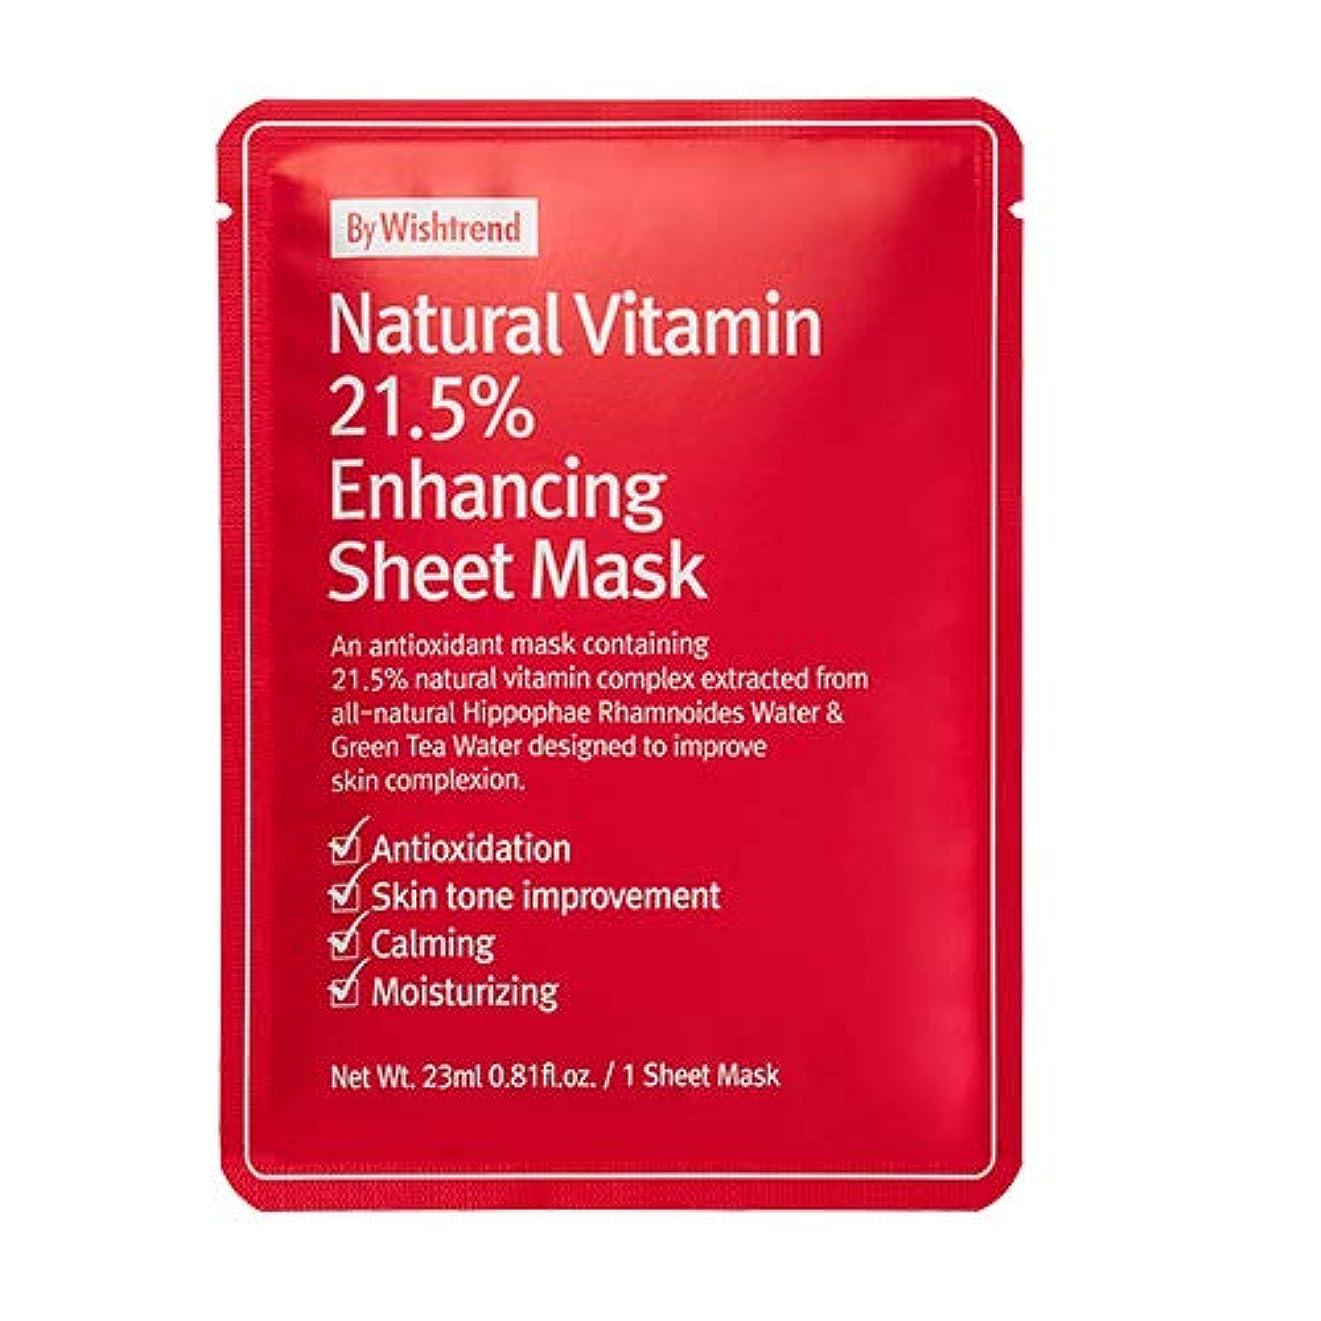 いつでもタイトル重要な[BY WISHTREND] ナチュラルビタミン21.5エンハンシング シートマスク 10シート, Natural Vitamin 21.5 Enhancing Mask 10 sheets [並行輸入品]